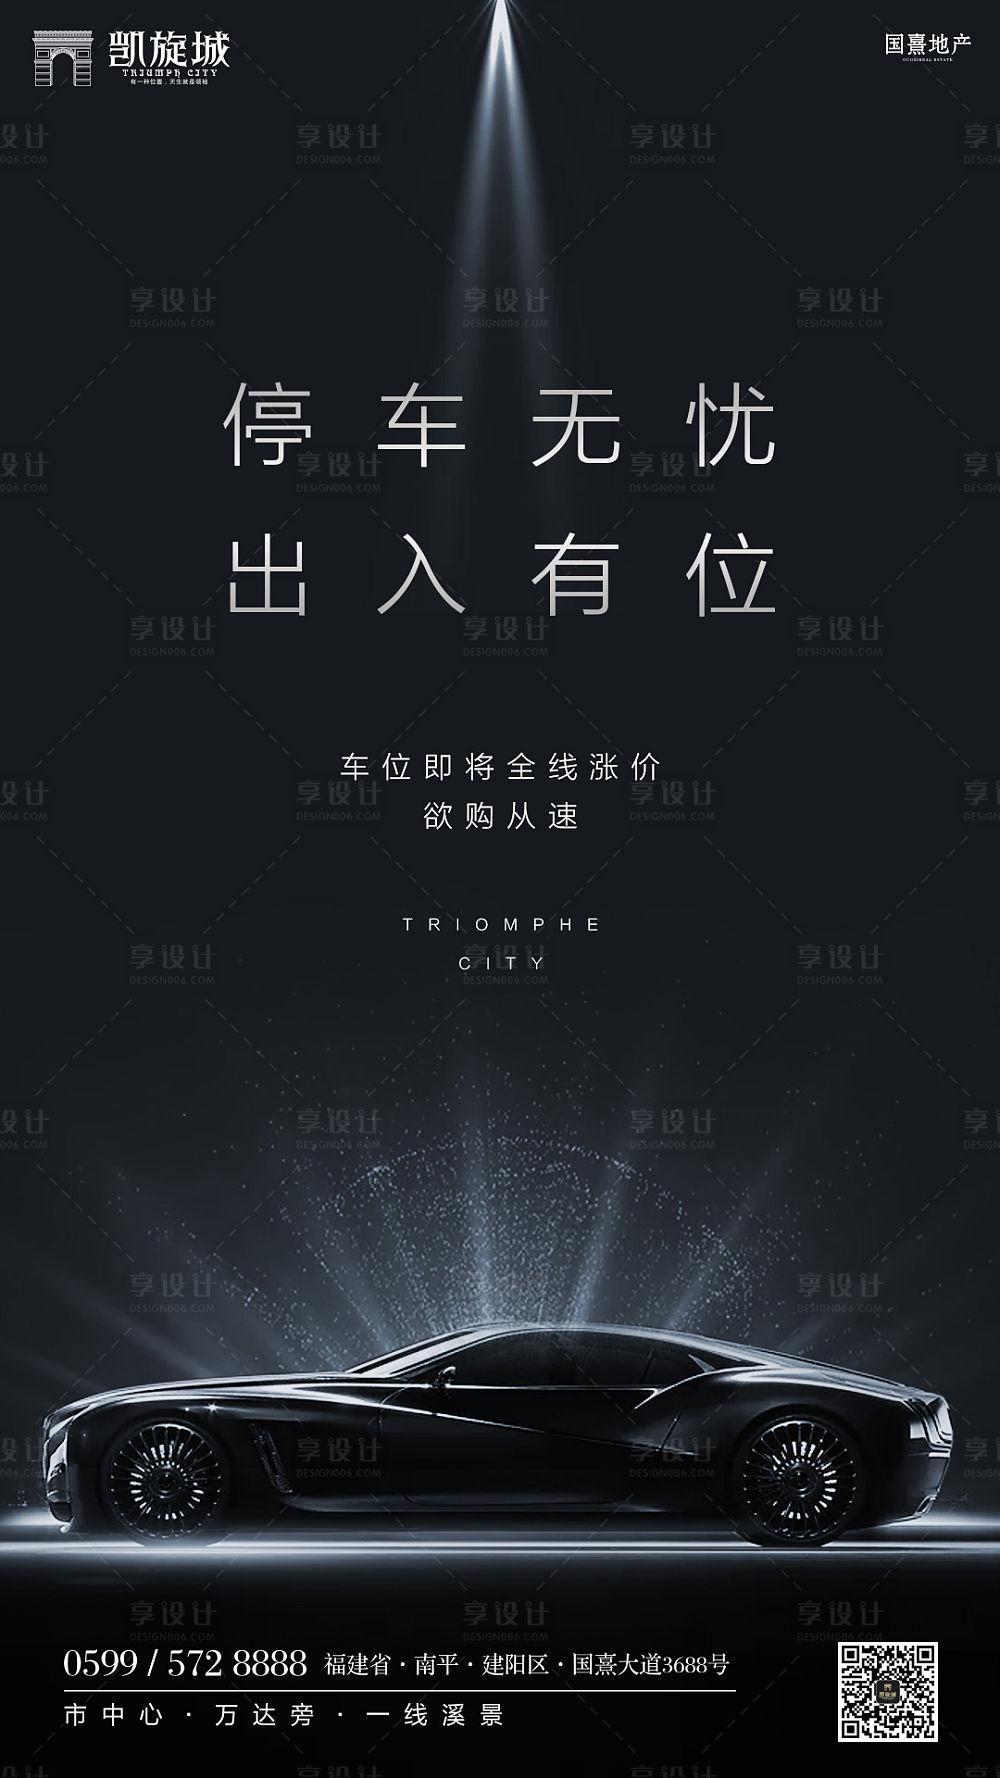 【源文件下载】 海报 房地产 汽车 车位 大气 酷黑 简约 光影